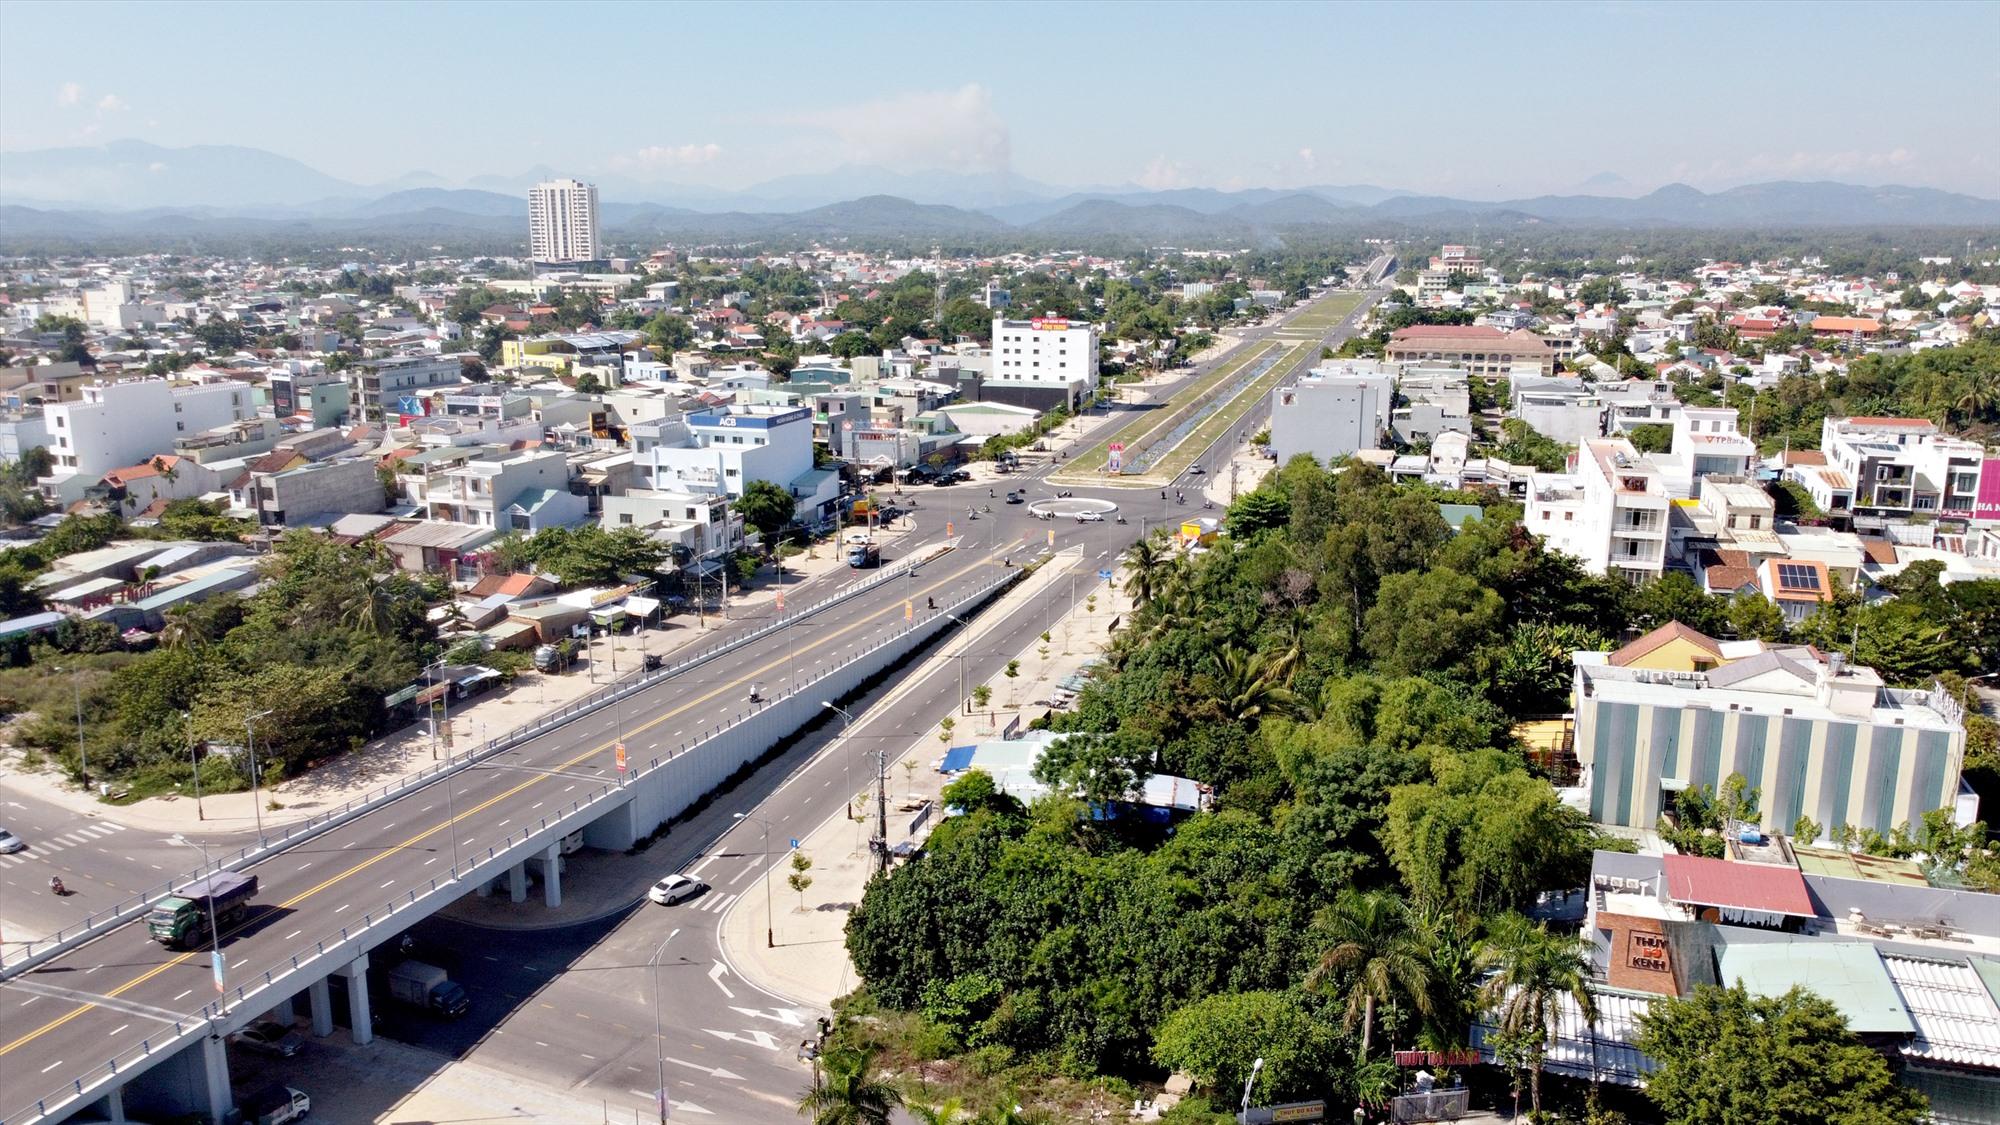 Mục tiêu xây dựng Tam Kỳ cơ bản đạt tiêu chí đô thị loại 1 vào năm 2025. Ảnh: PHƯƠNG THẢO